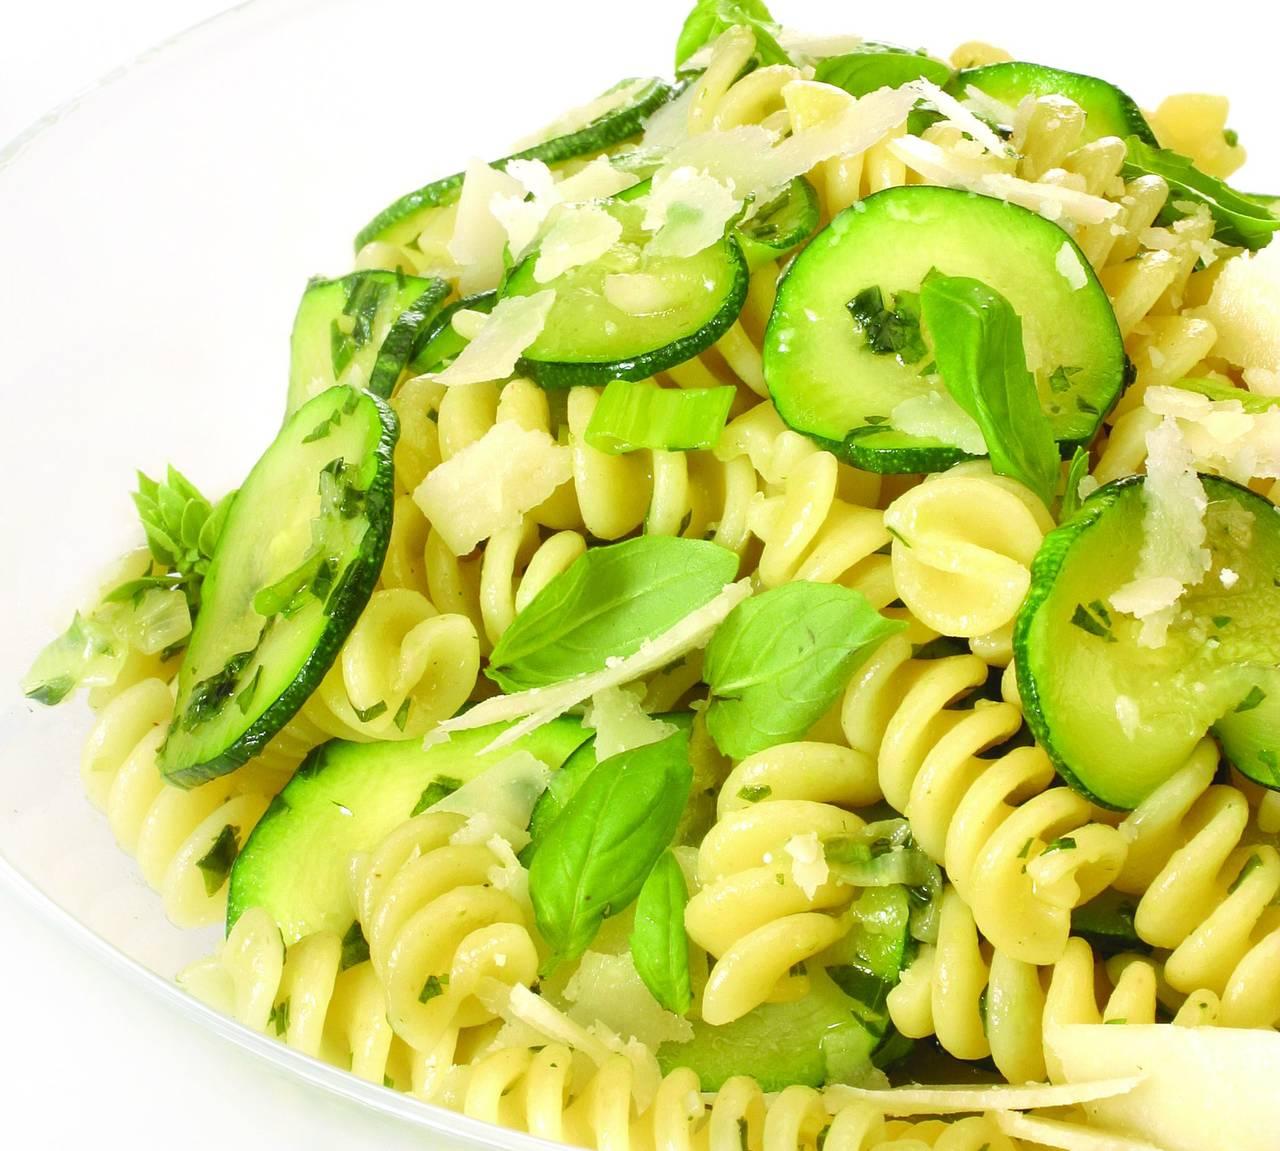 Fusilli con zucchine e zenzero cucina naturale for Siti di ricette cucina